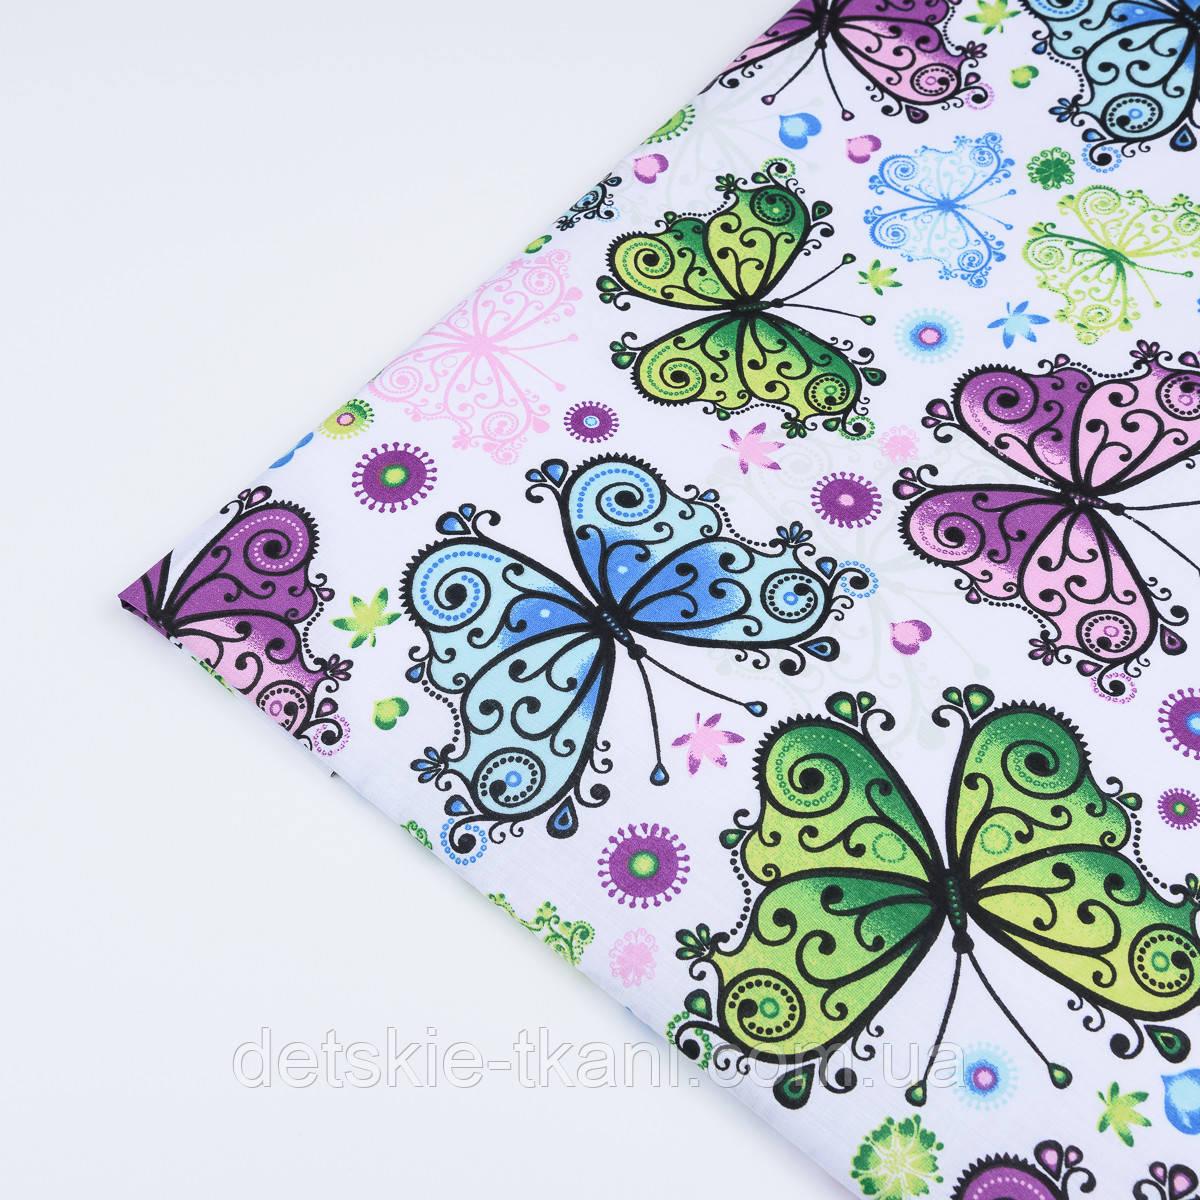 """Отрез ткани """"Ажурные бабочки"""" сиреневые, голубые, зелёные,  №1233а размер 95*160"""